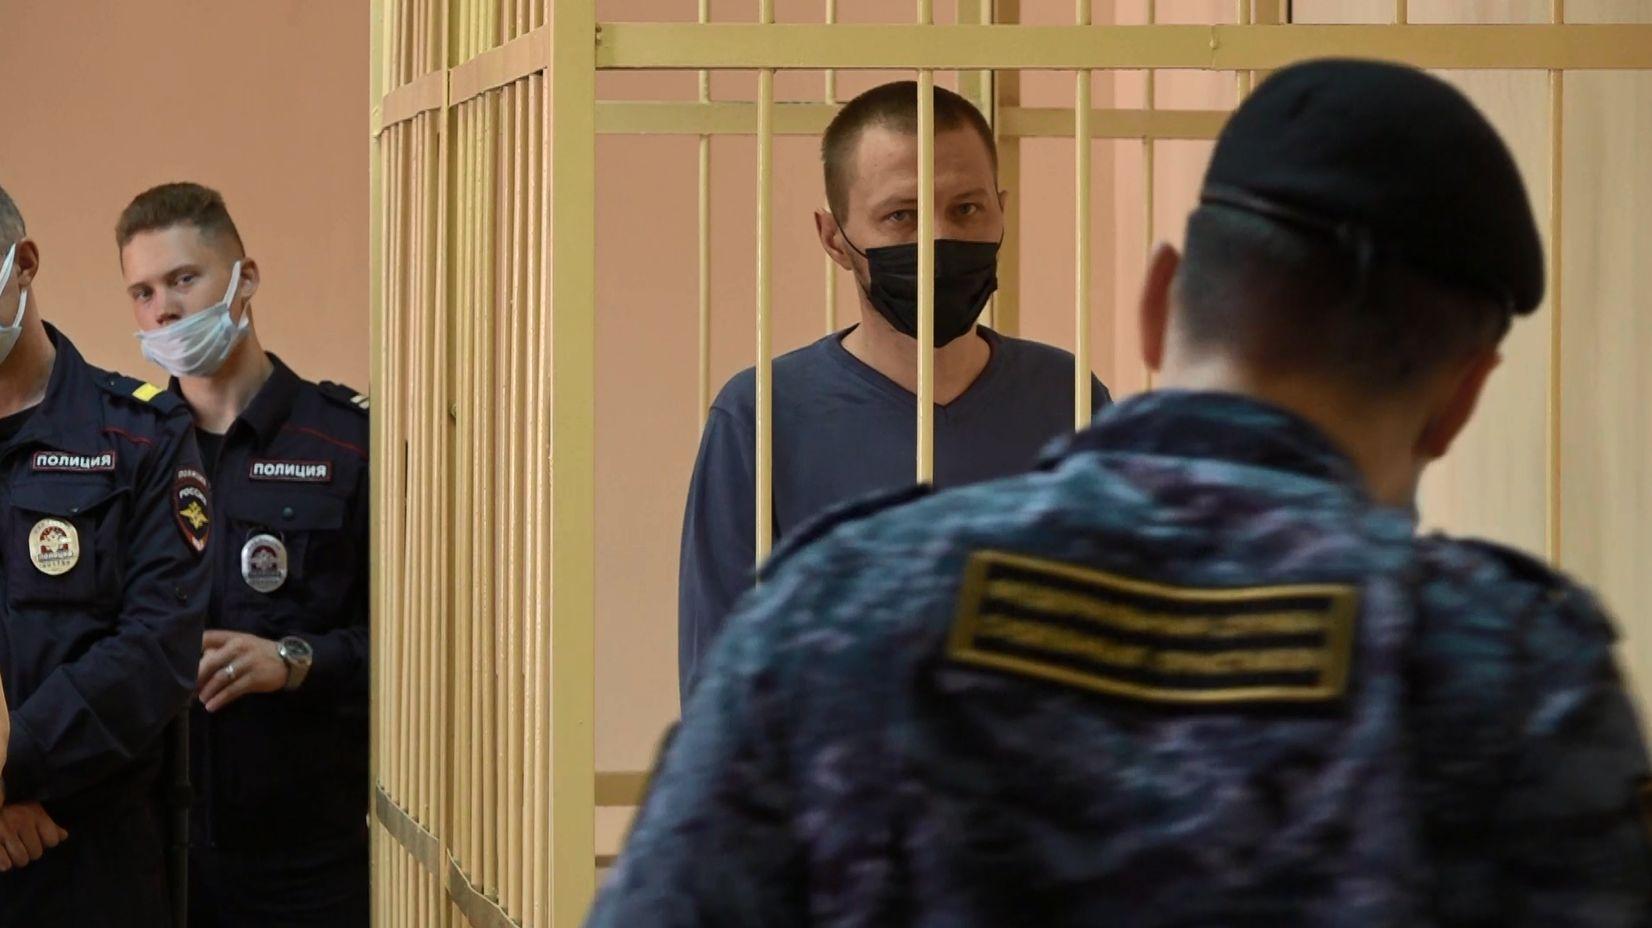 Красноперекопский суд Ярославля начал рассматривать дело бывшего заммэра Рината Бадаева